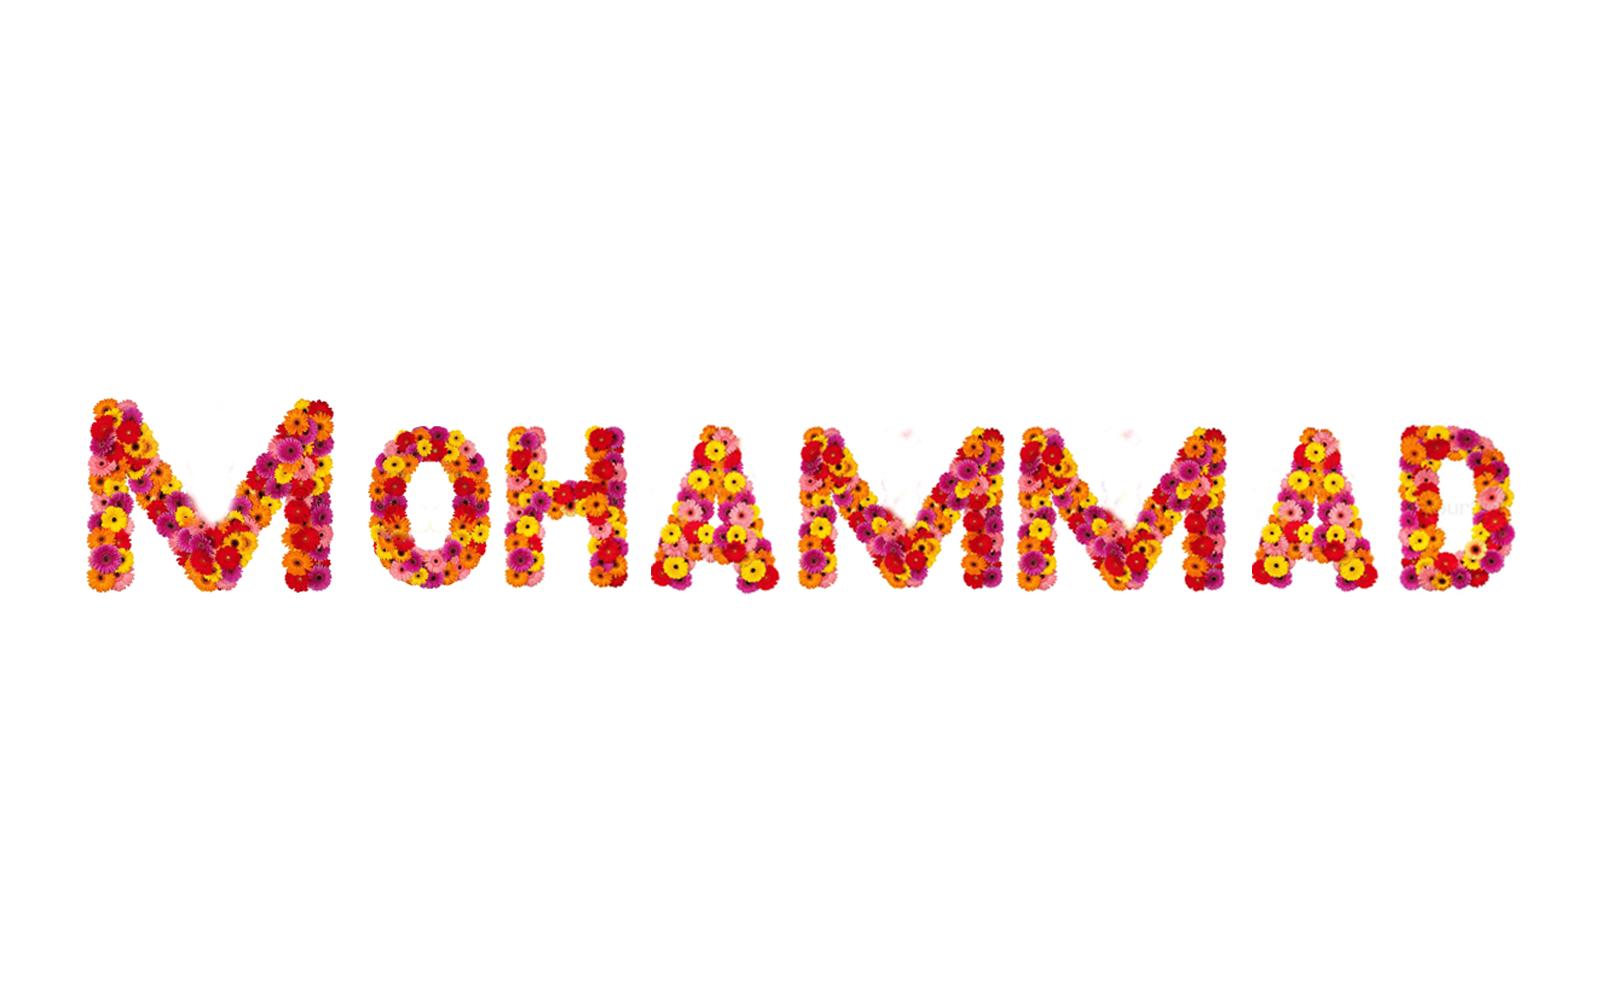 بالصور صور لاسم محمد , اسم محمد مزخرف 4443 1